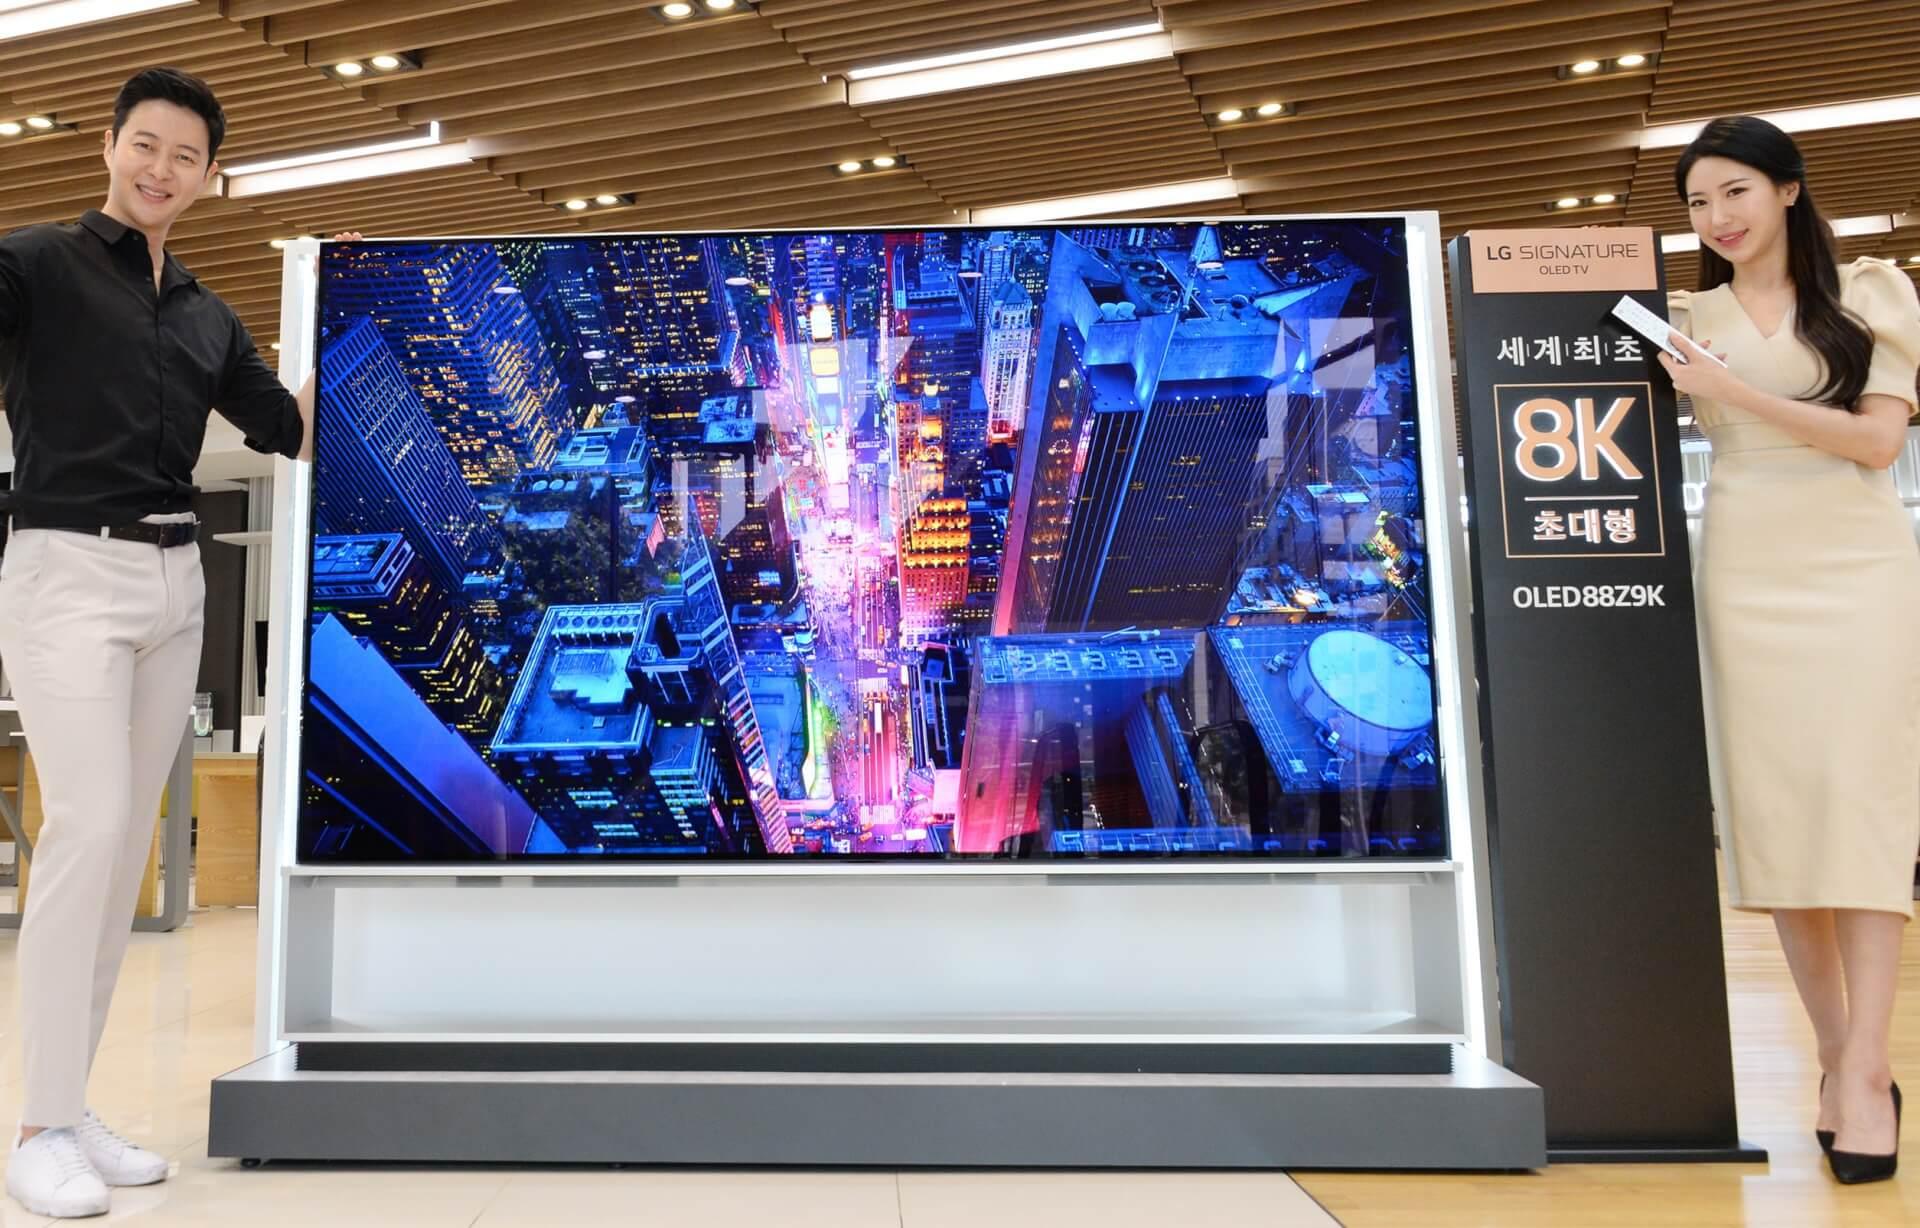 LG 8K OLED TV 002